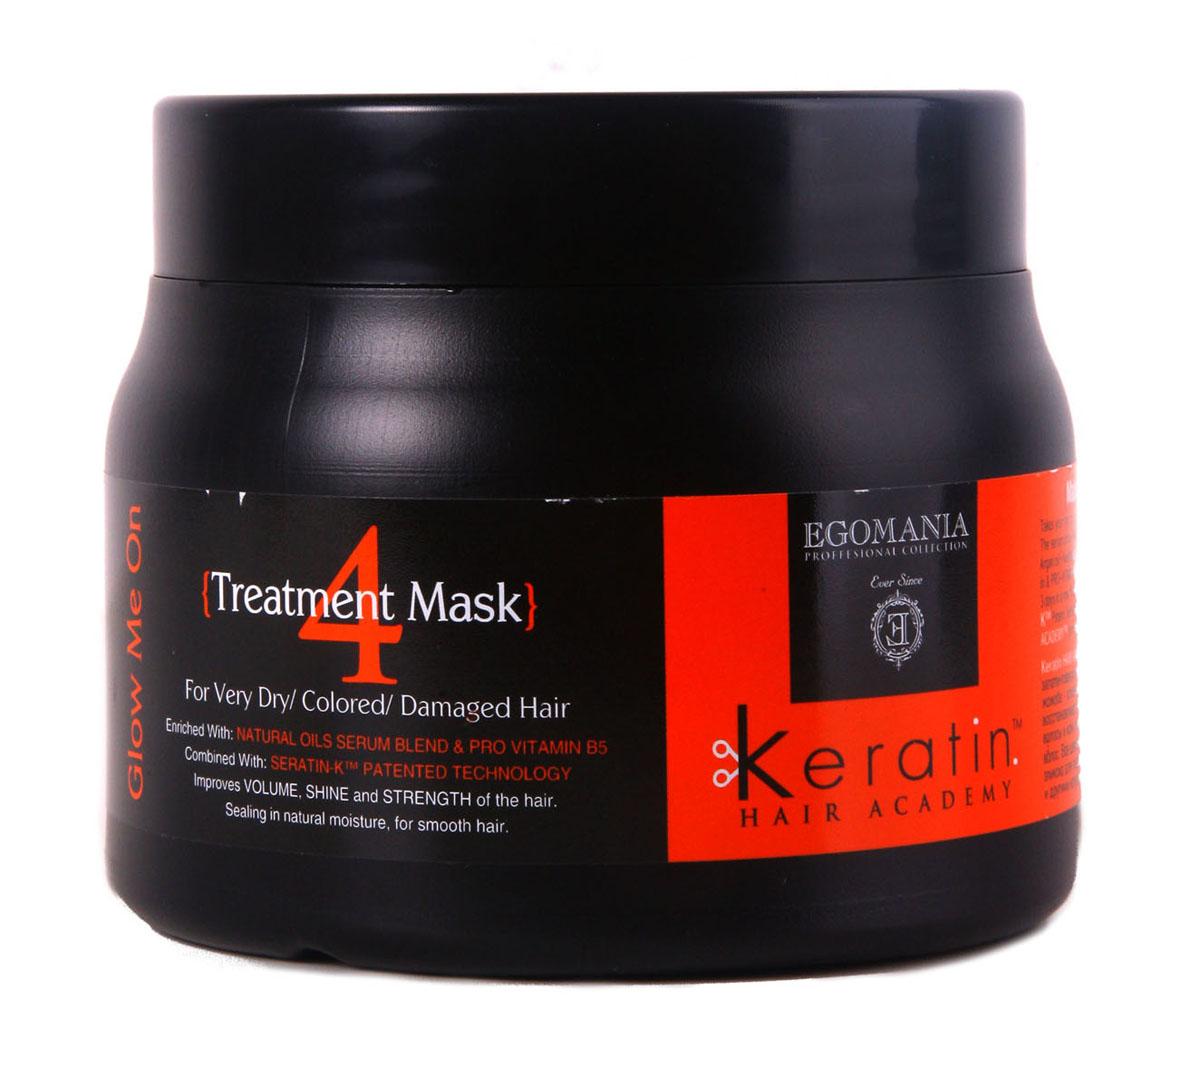 Egomania Professional Collection Маска Keratin Hair Academy Во всем блеске! для очень сухих, окрашенных и поврежденных волос 500 мл830282Восстанавливающая маска для окрашенных, поврежденных и сухих волос, обогащенная маслами ,работает как самостоятельный продукт, благодаря уникальной формуле, которая способствует проникновению питательных компонентов в структуру волоса. Состав этого продукта уникально богат аминокислотами и маслами. Применение маски раз в неделю оказывает поддерживающий уход, полноценное питание структуры волоса и поддержание цвета. Отличительной особенностью продукта является то, что он воздействует не только на структуру волоса, но и на кожу головы, нормализуя работу сальных желез.